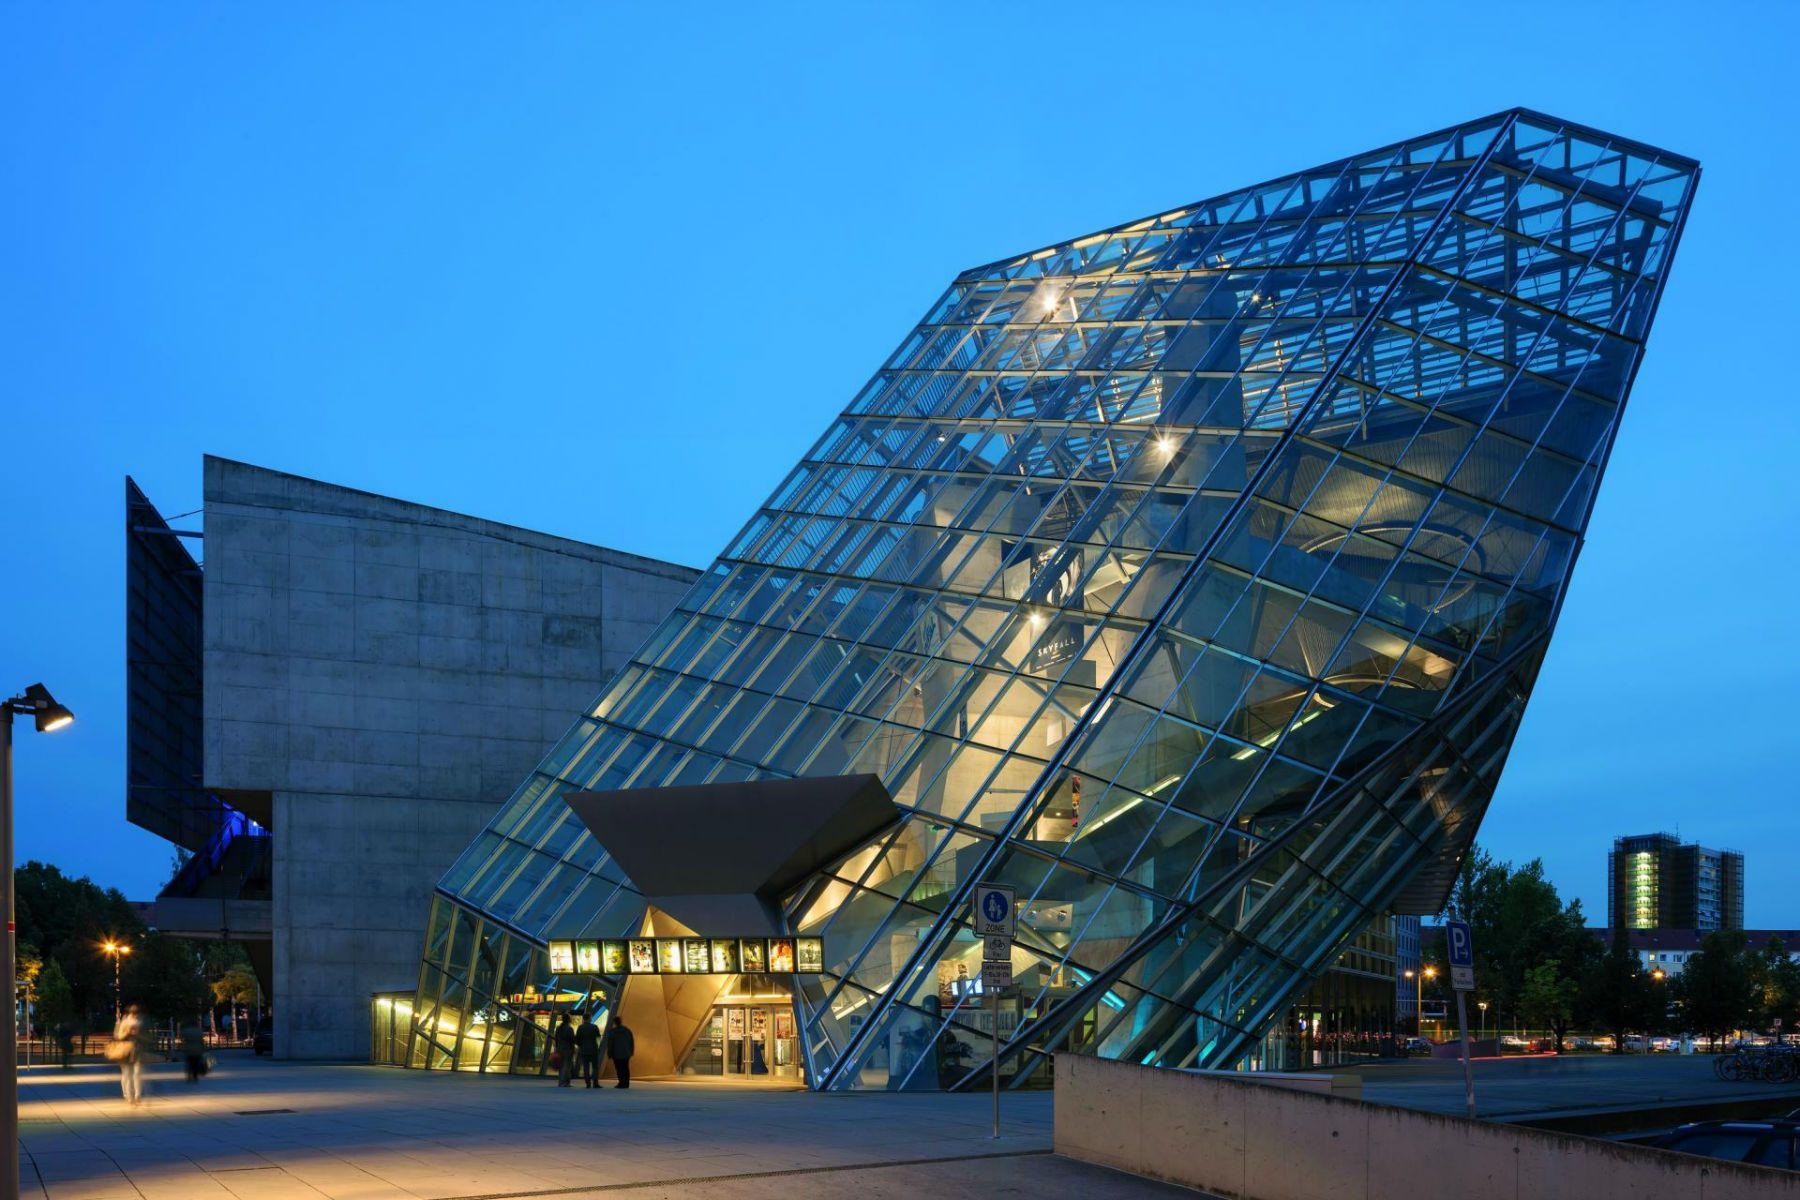 Arch2o Ufa Cinema Center Coop Himmelb L Au 06 Arch2o Com Cinema Architecture Cinema Center Building Concept